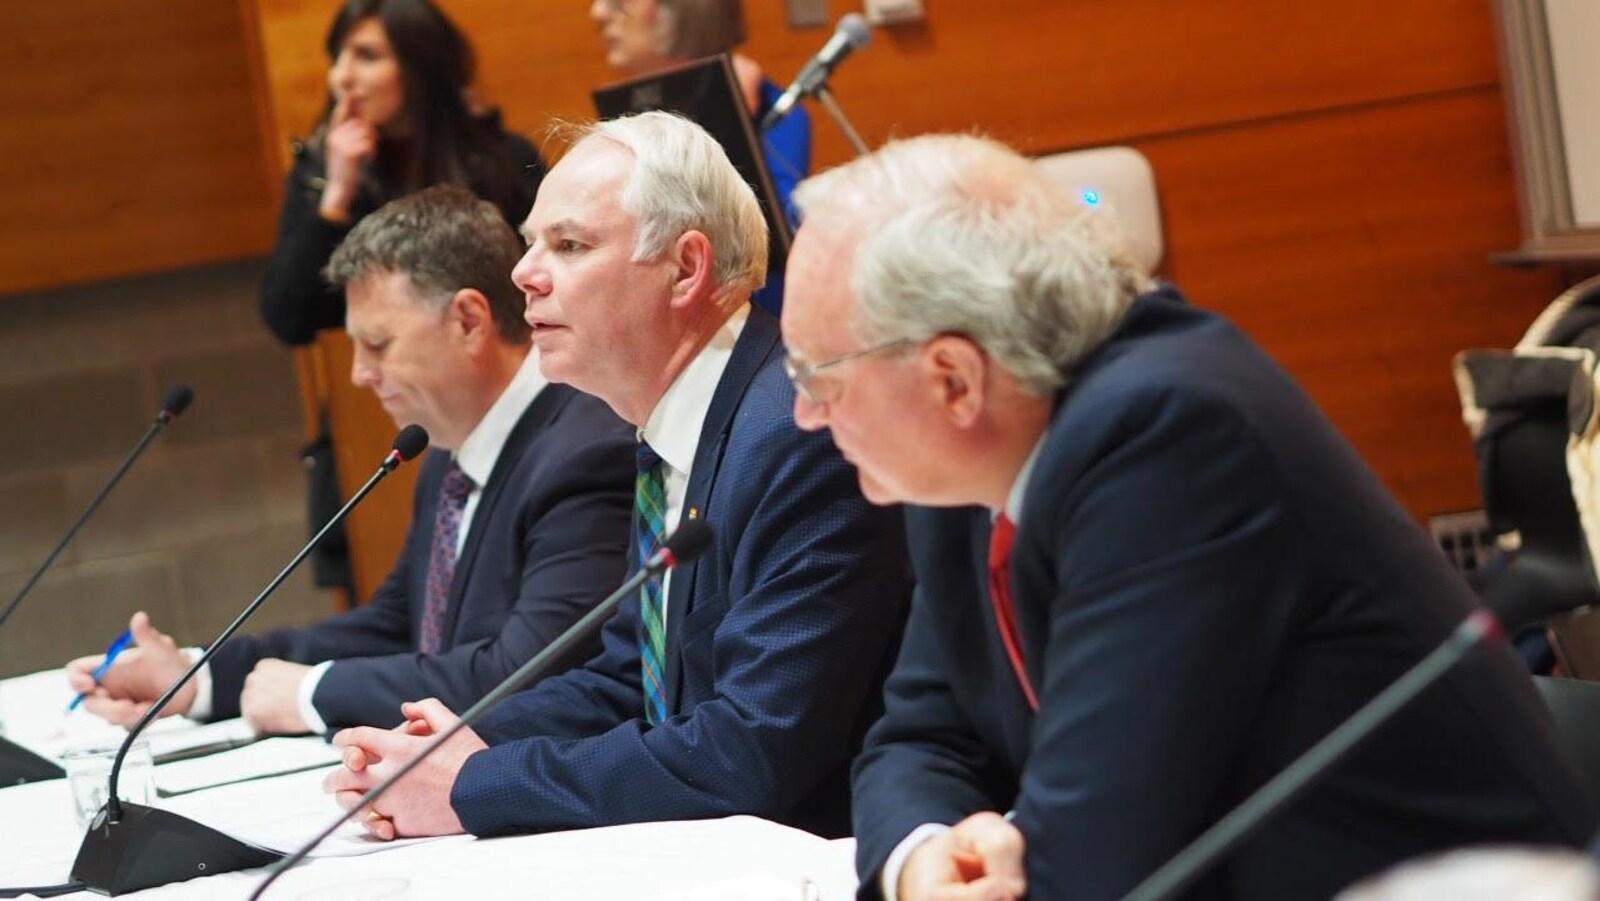 Les trois chefs des partis politiques lors du dévoilement de leurs promesses électorales.